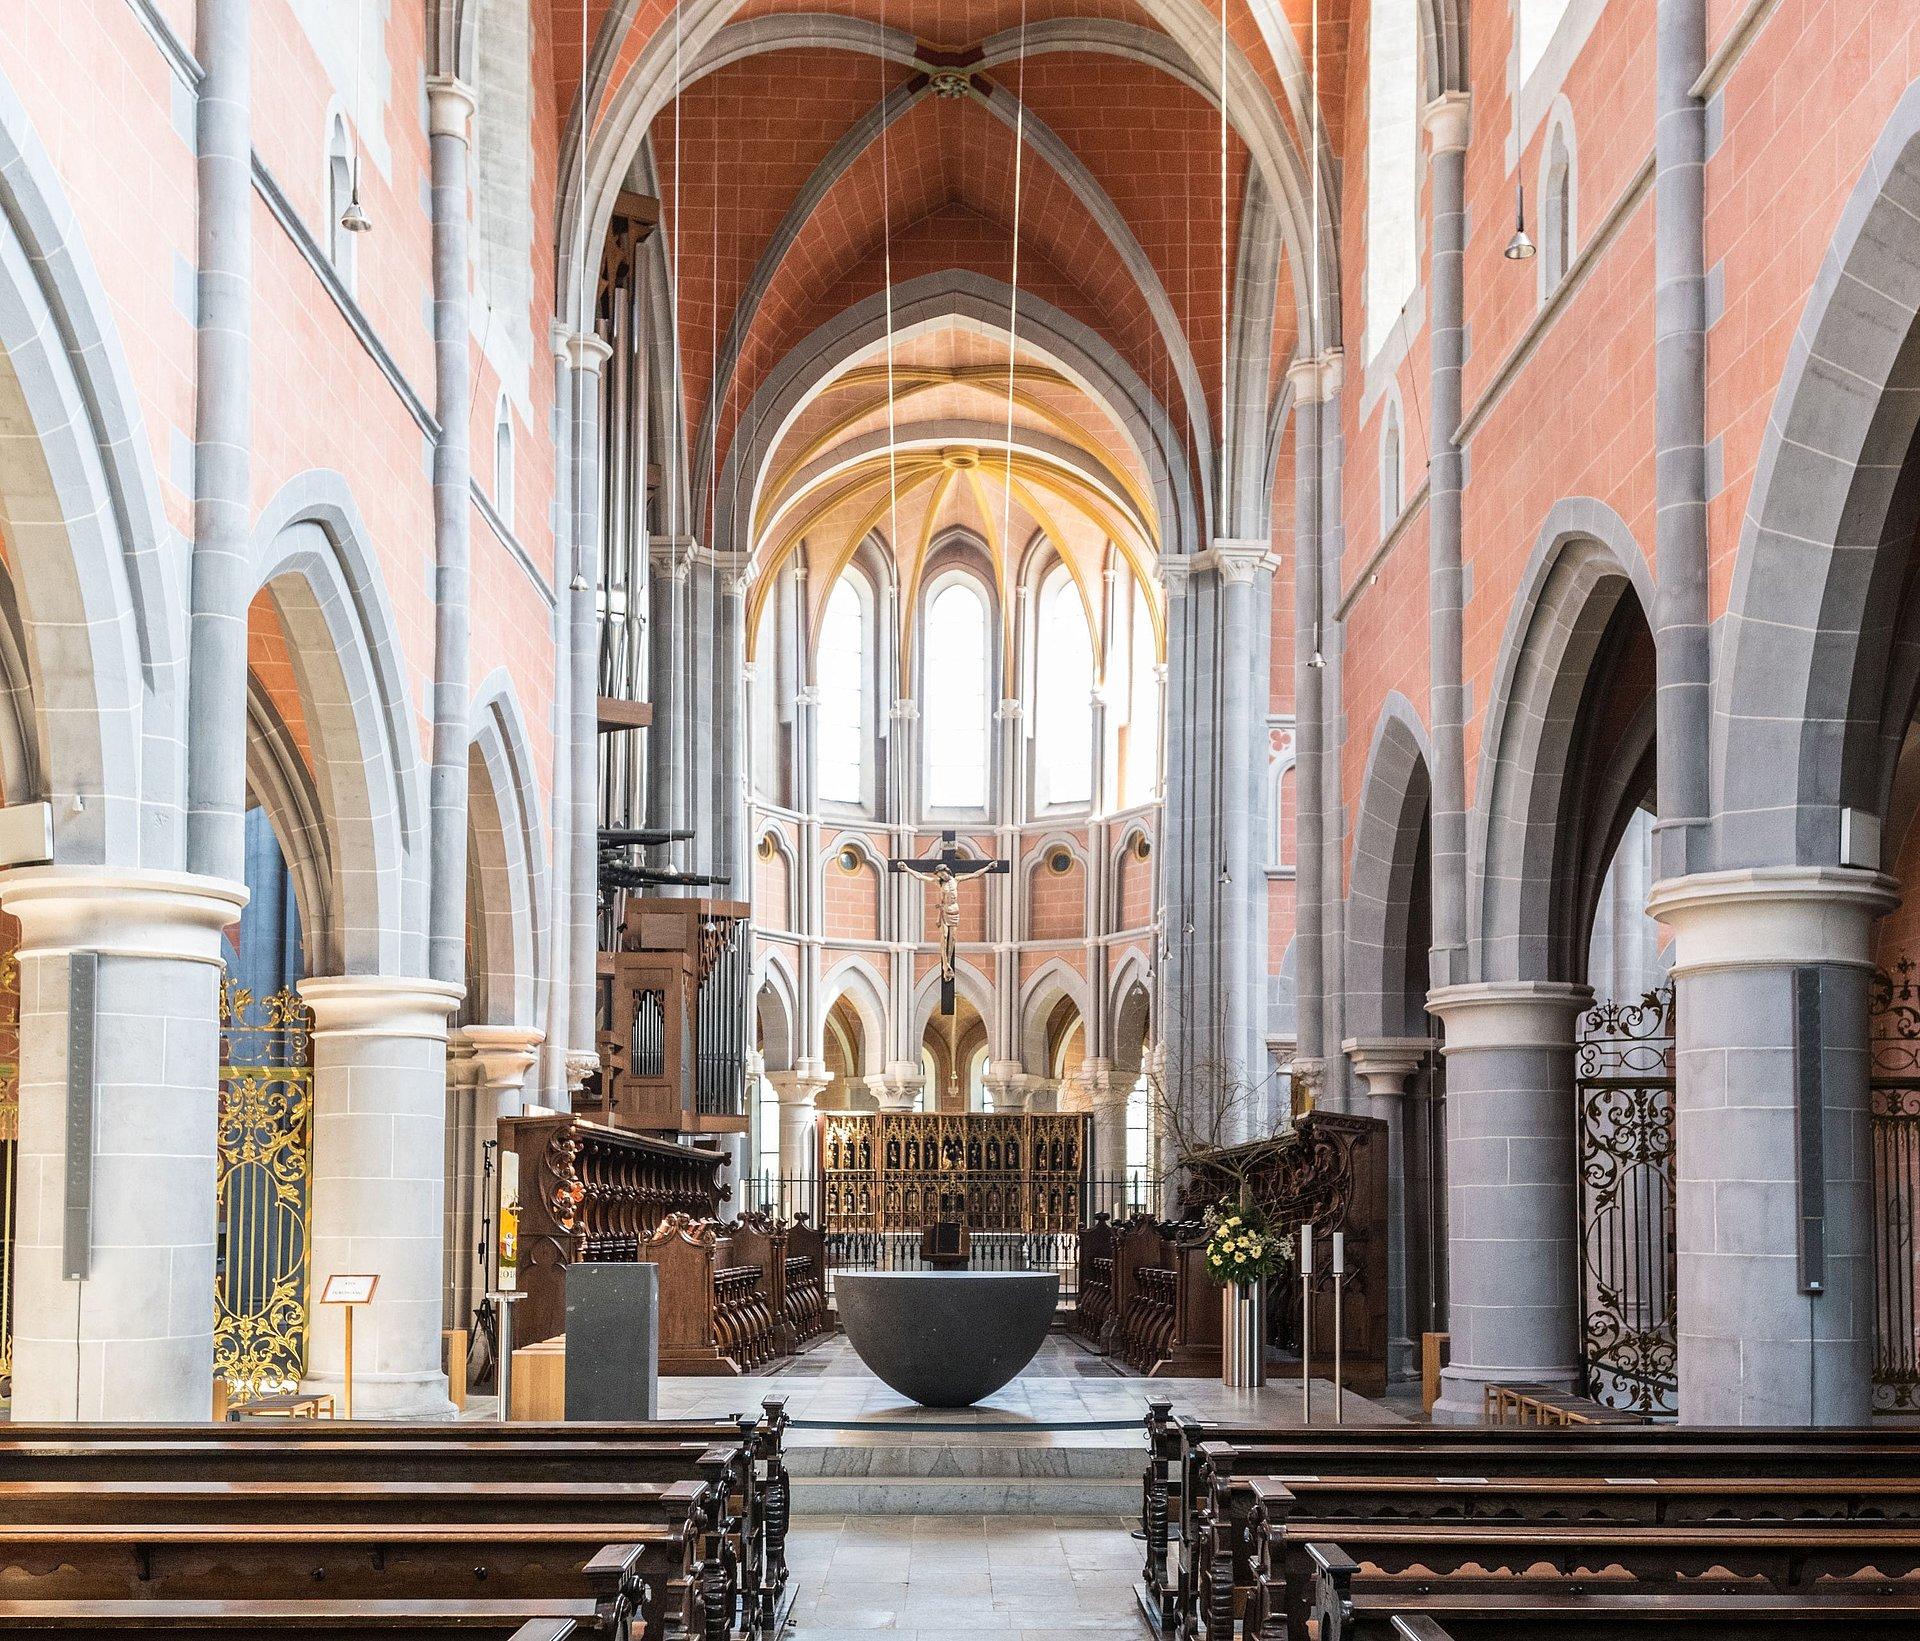 Innenansicht von Kloster Marienstatt im Nistertal bei Streithausen, Westerwald